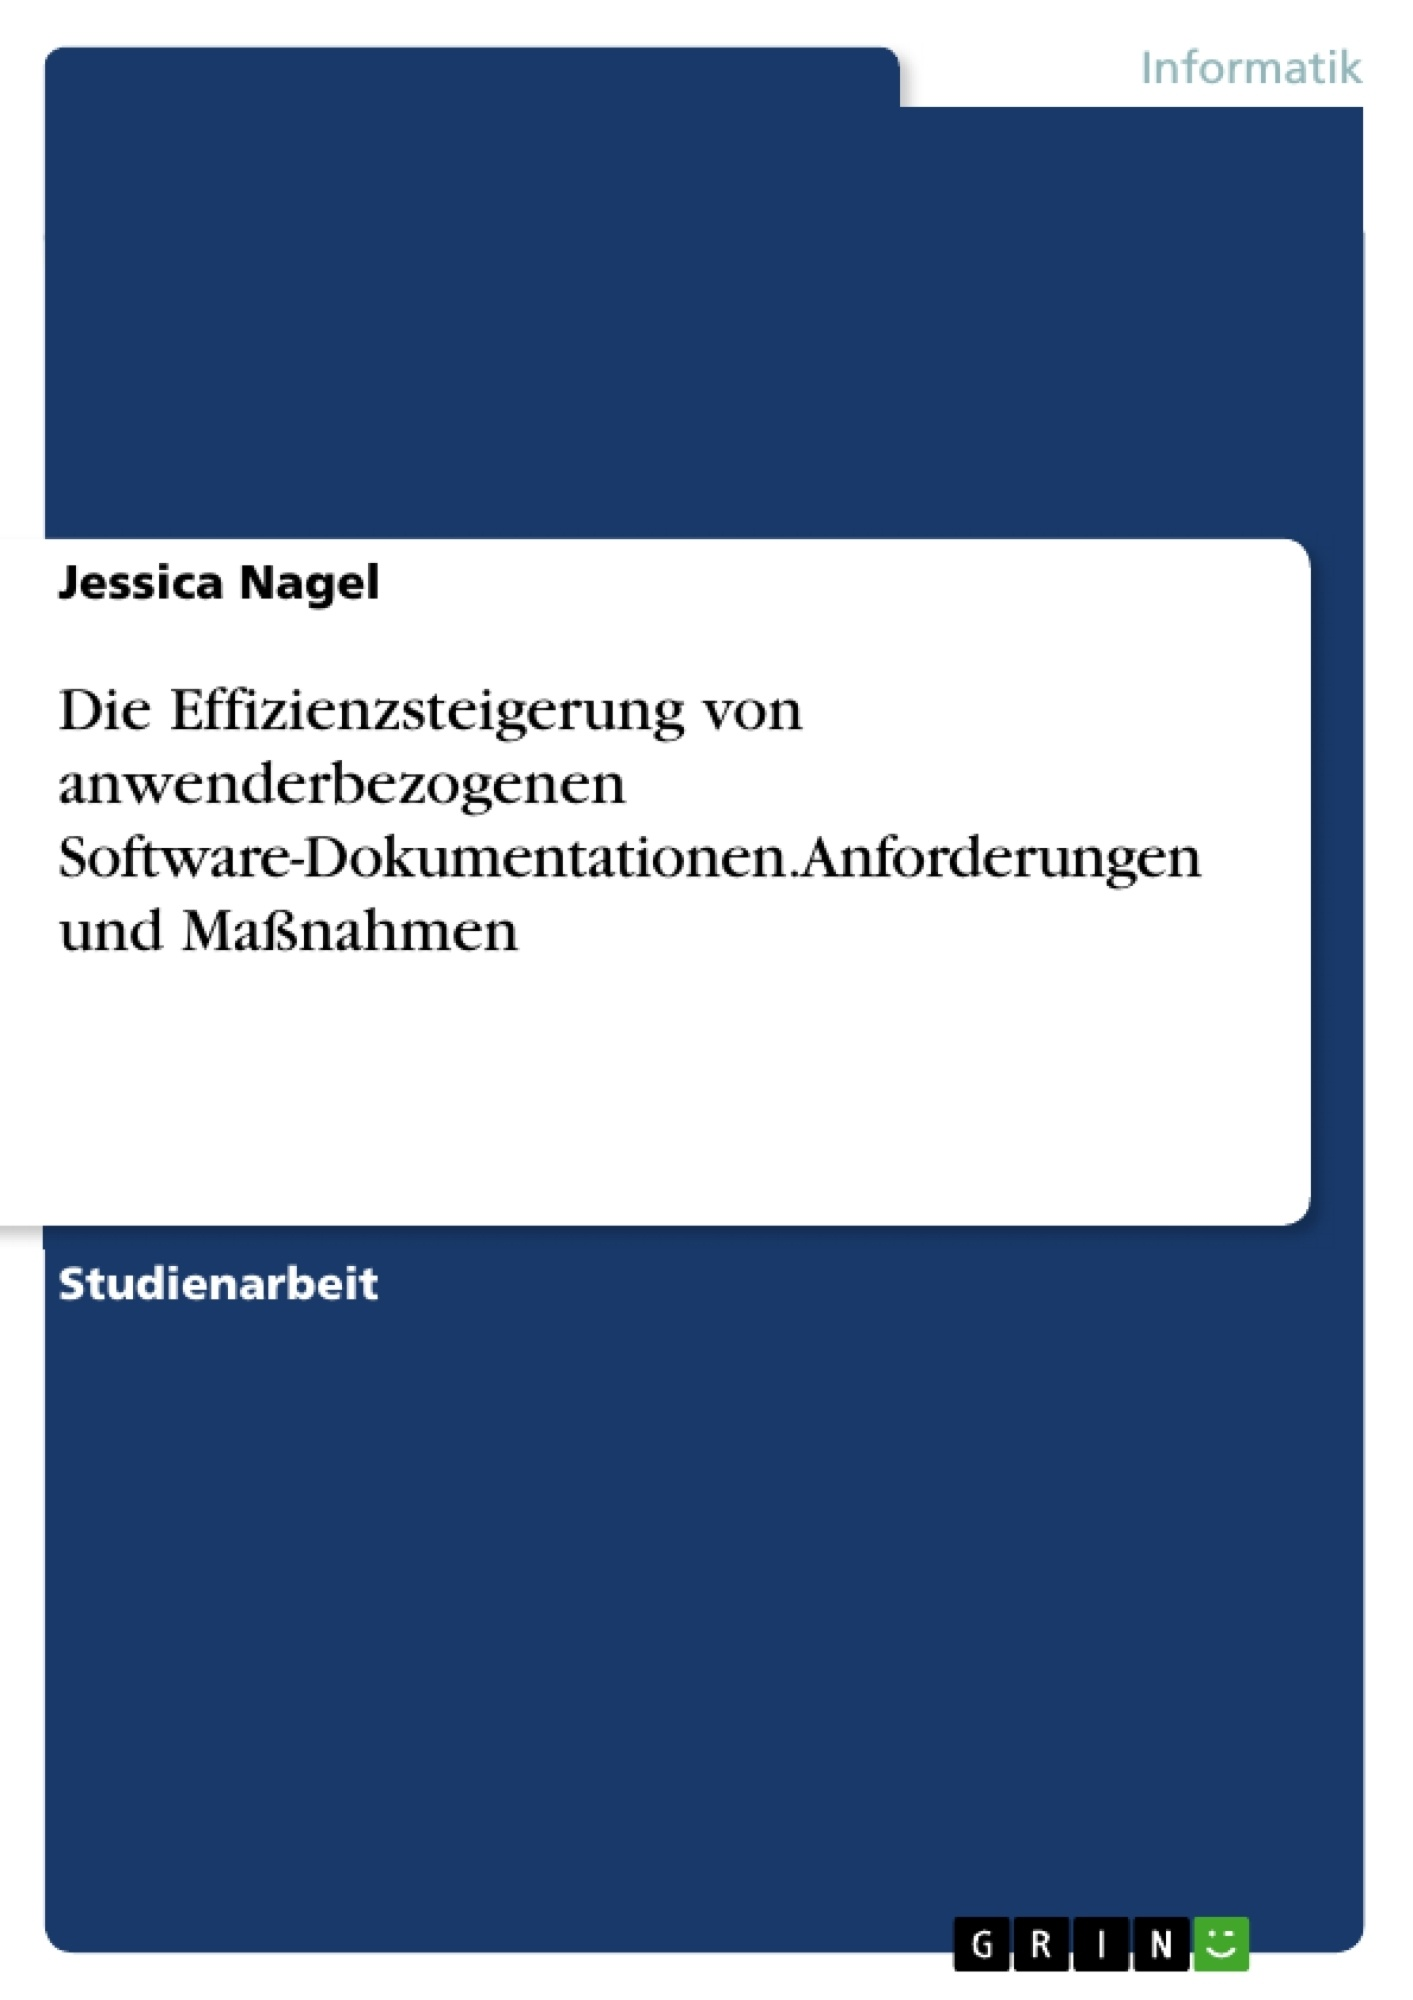 Titel: Die Effizienzsteigerung von anwenderbezogenen Software-Dokumentationen. Anforderungen und Maßnahmen